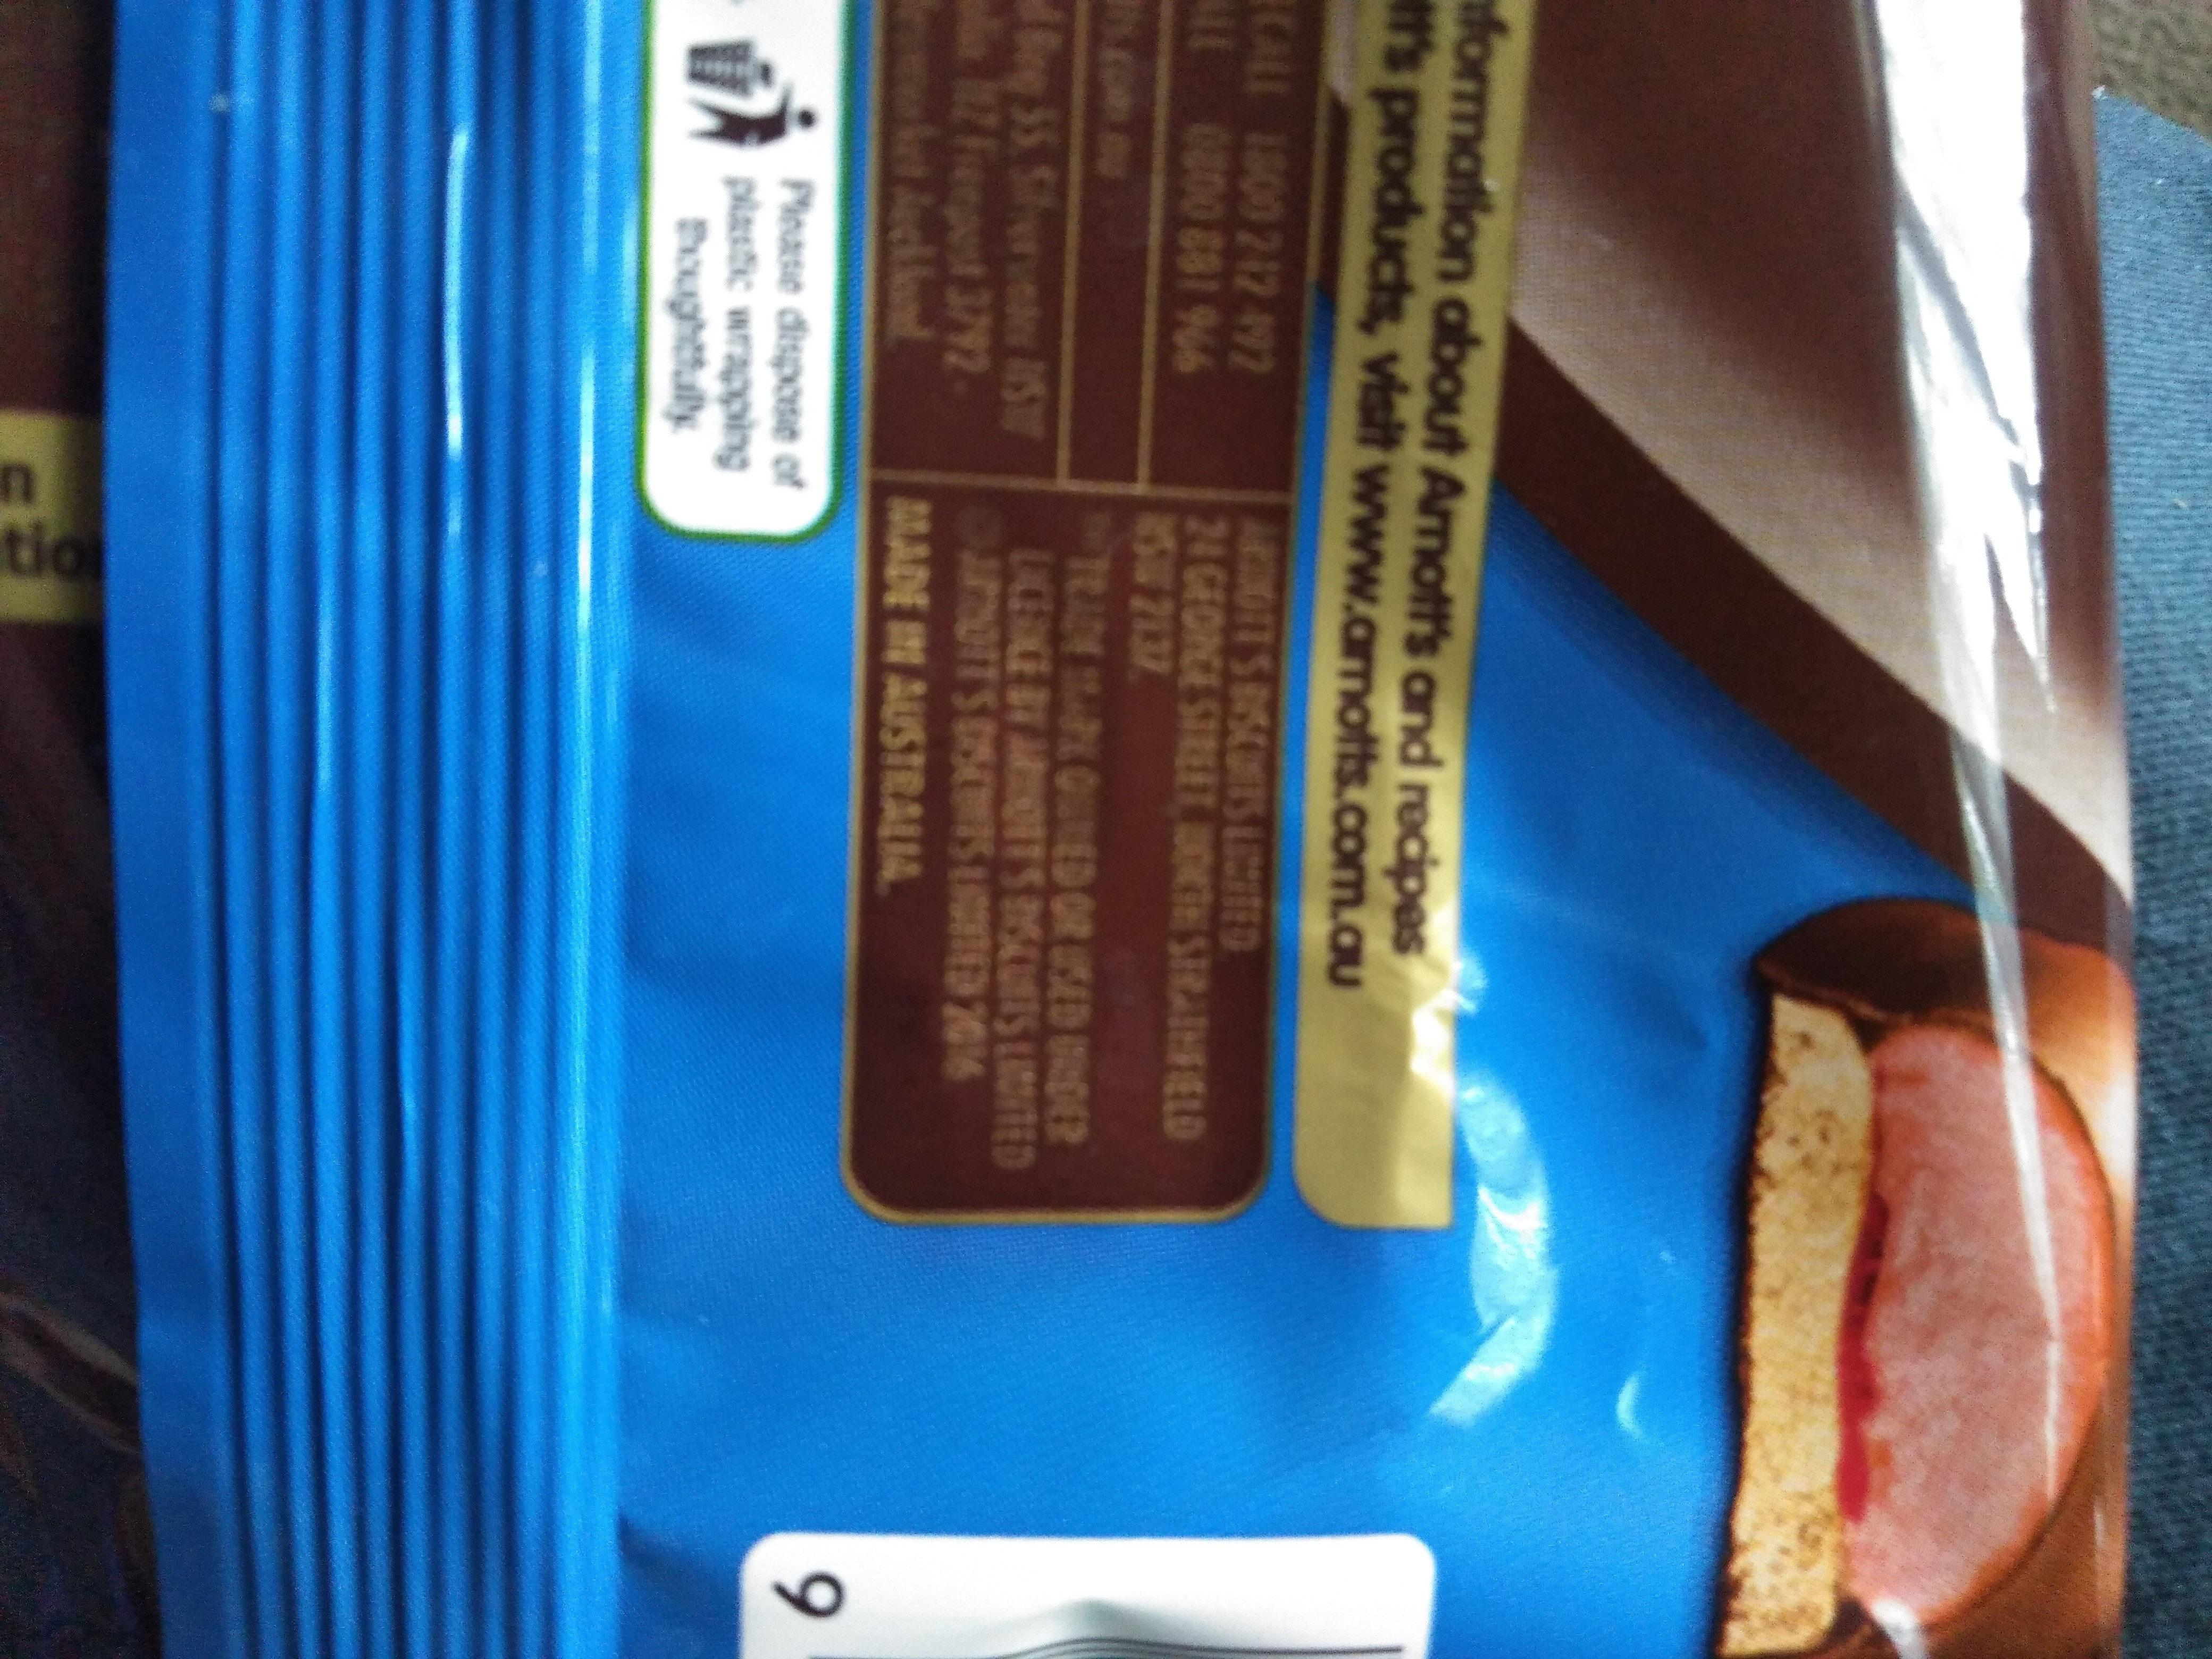 royals milk chocolate - Nutrition facts - en